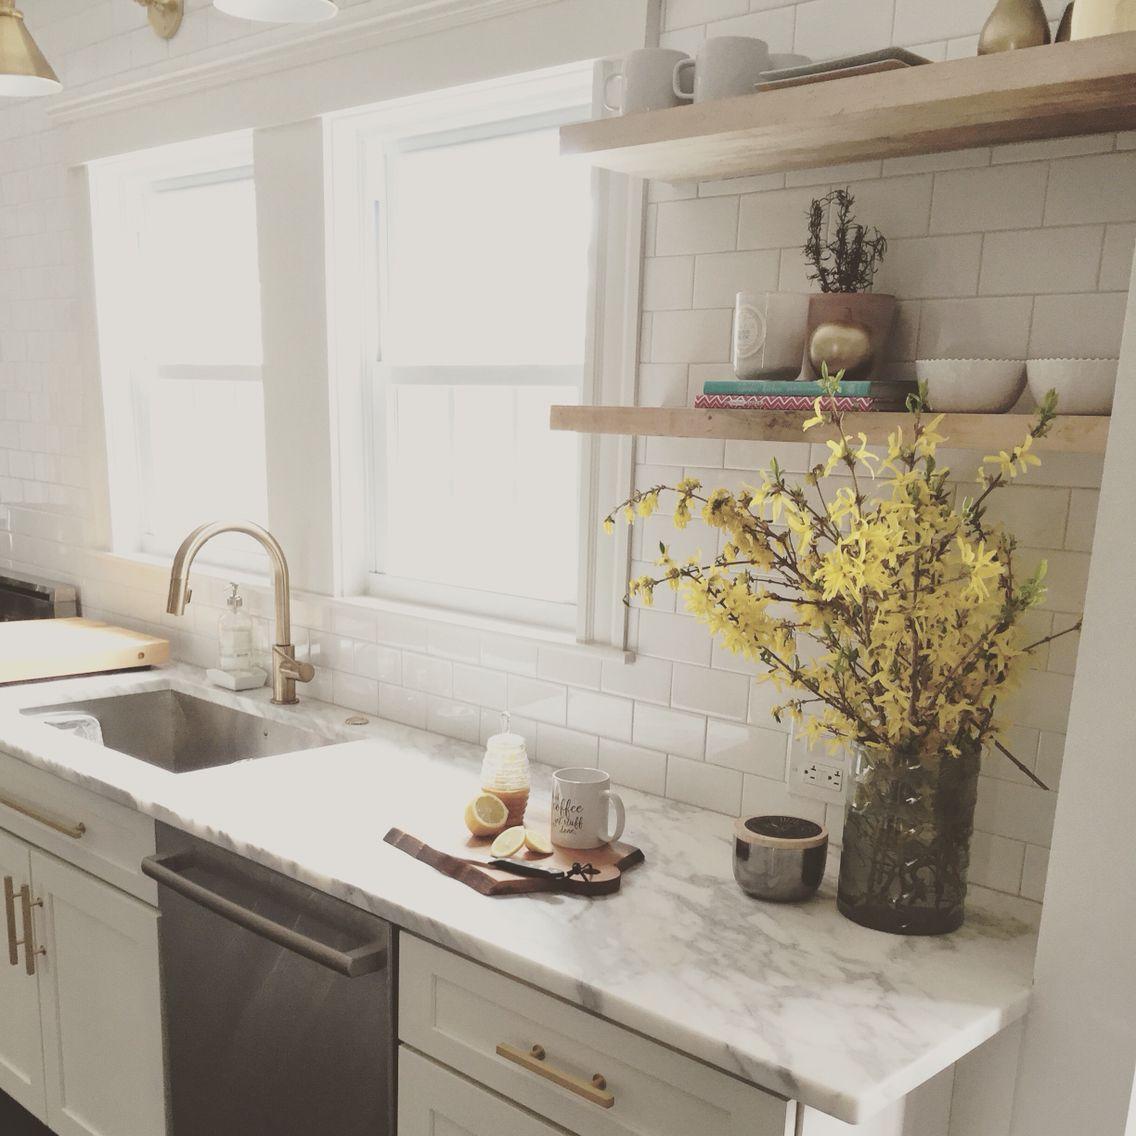 Kitchen makeover design by Jennifer Cavorsi Design #whitekitchen #marble #subwaytile